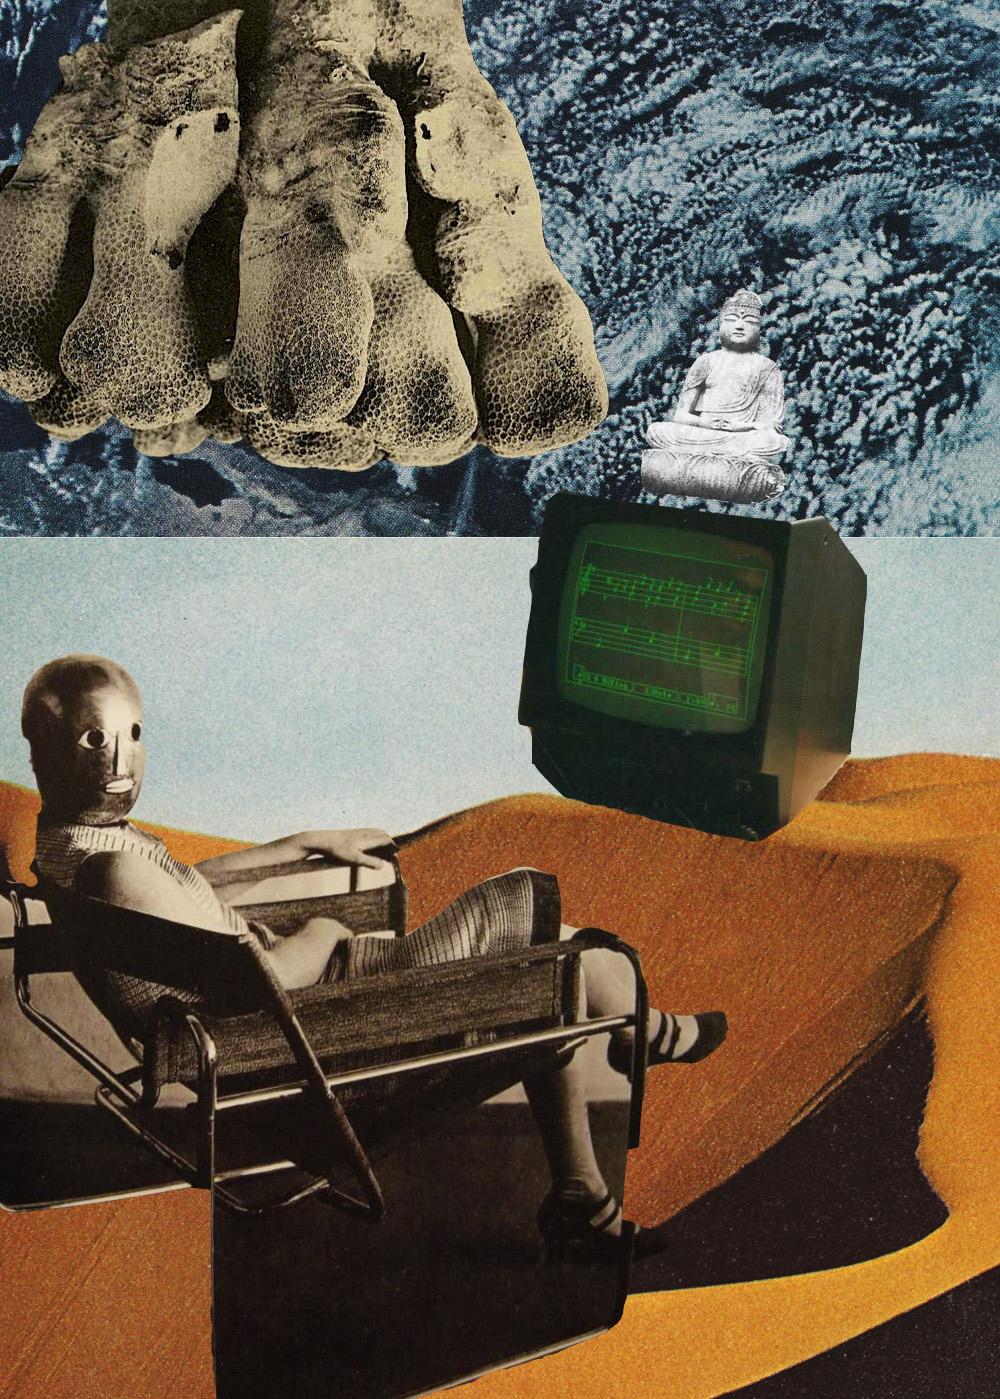 Bauhaus & Buddha [collage, 2015]